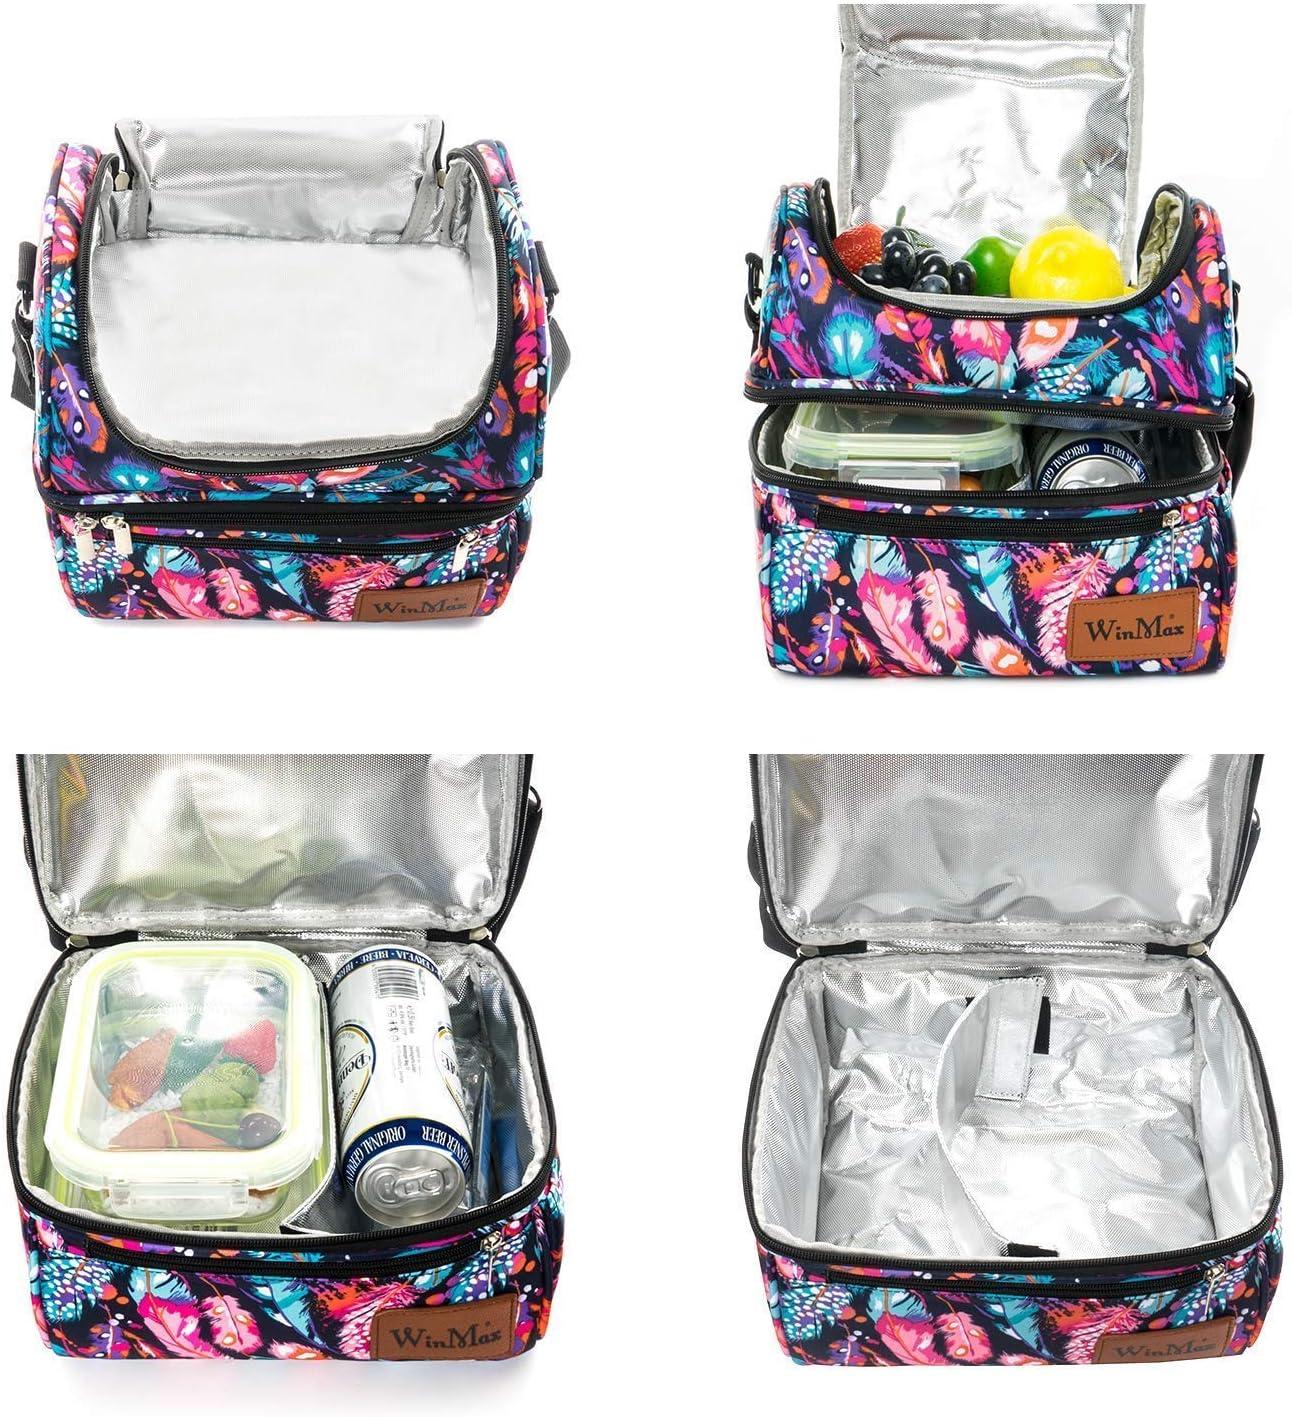 Bolsa de almuerzo aislante con diseño Winmax para mujer